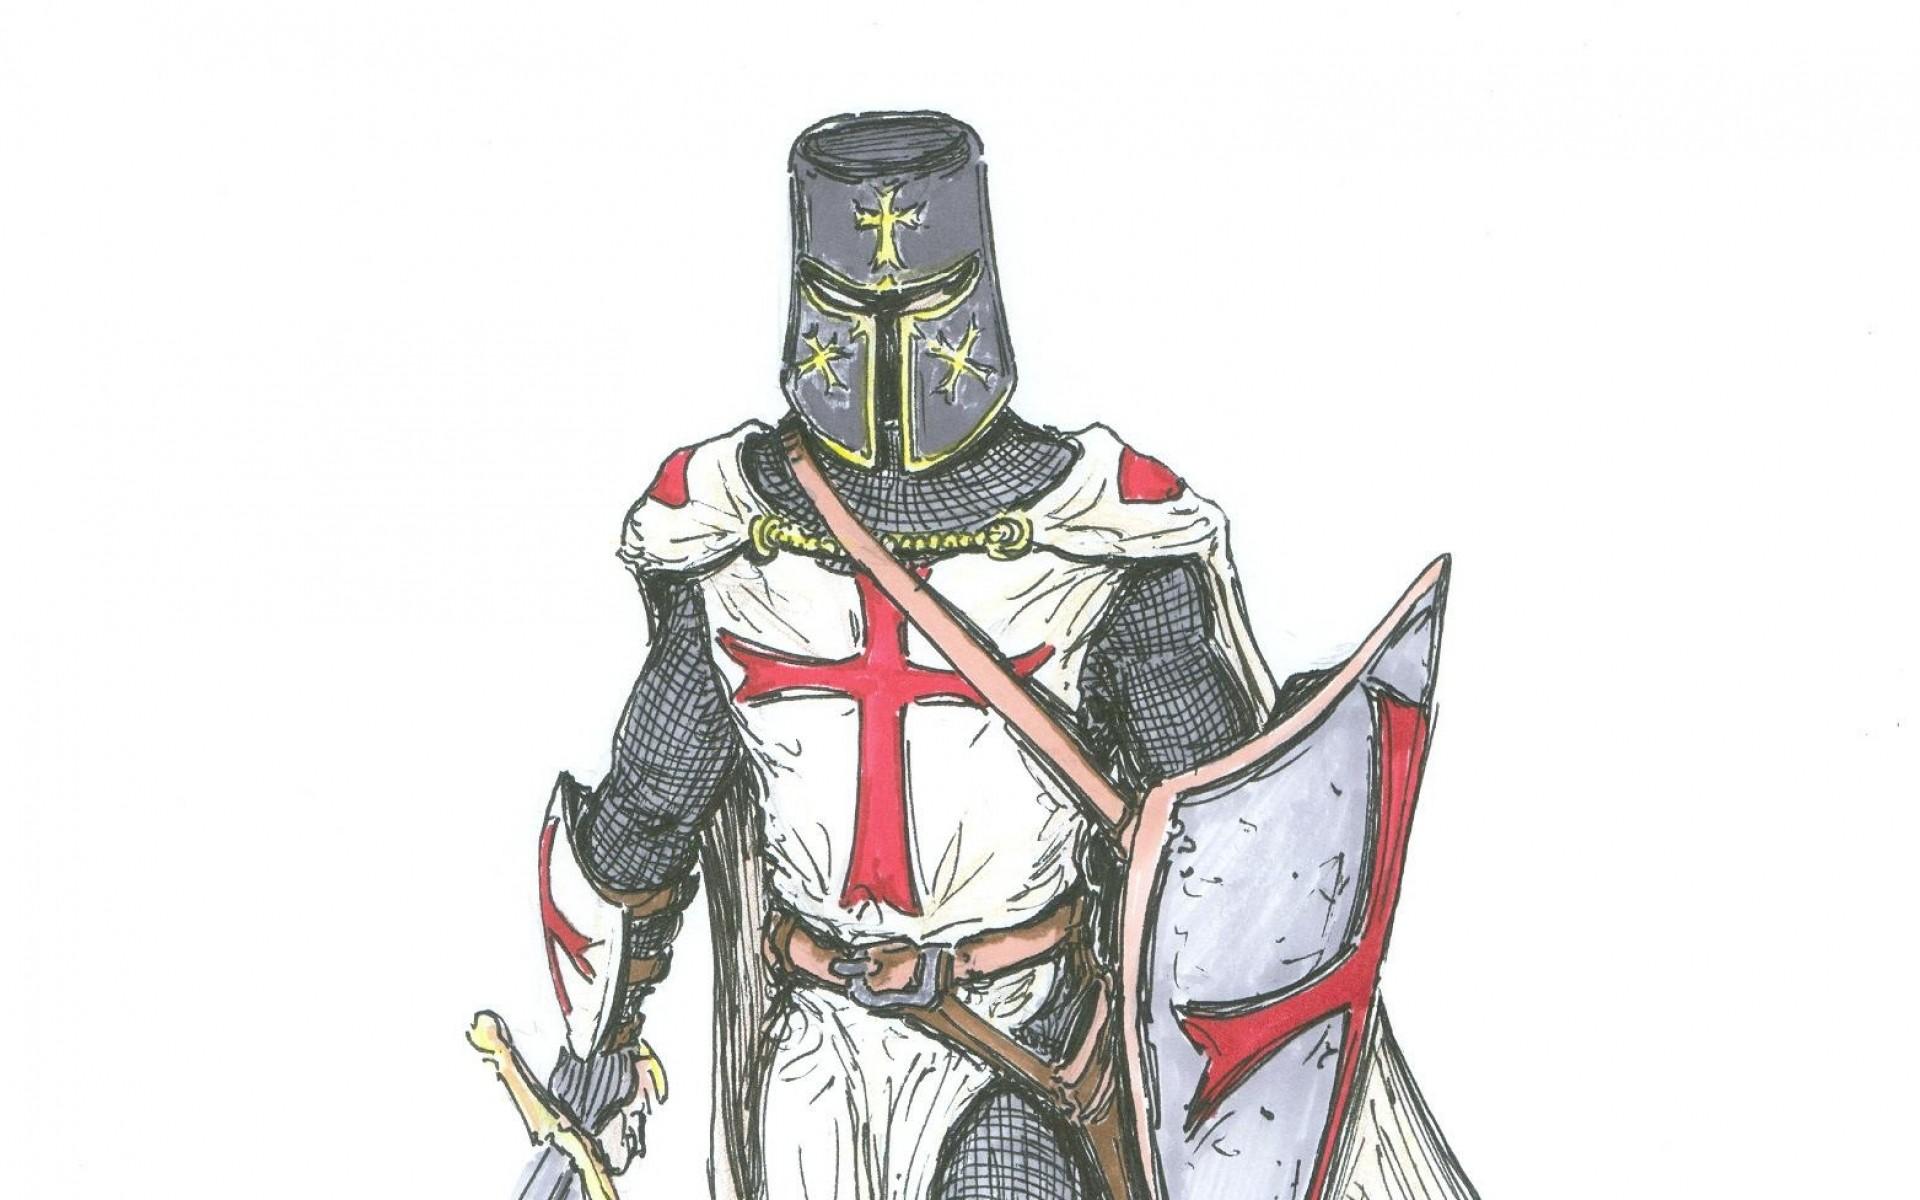 нашем картинки крестоносцев с щитом и мечом симмонс очень